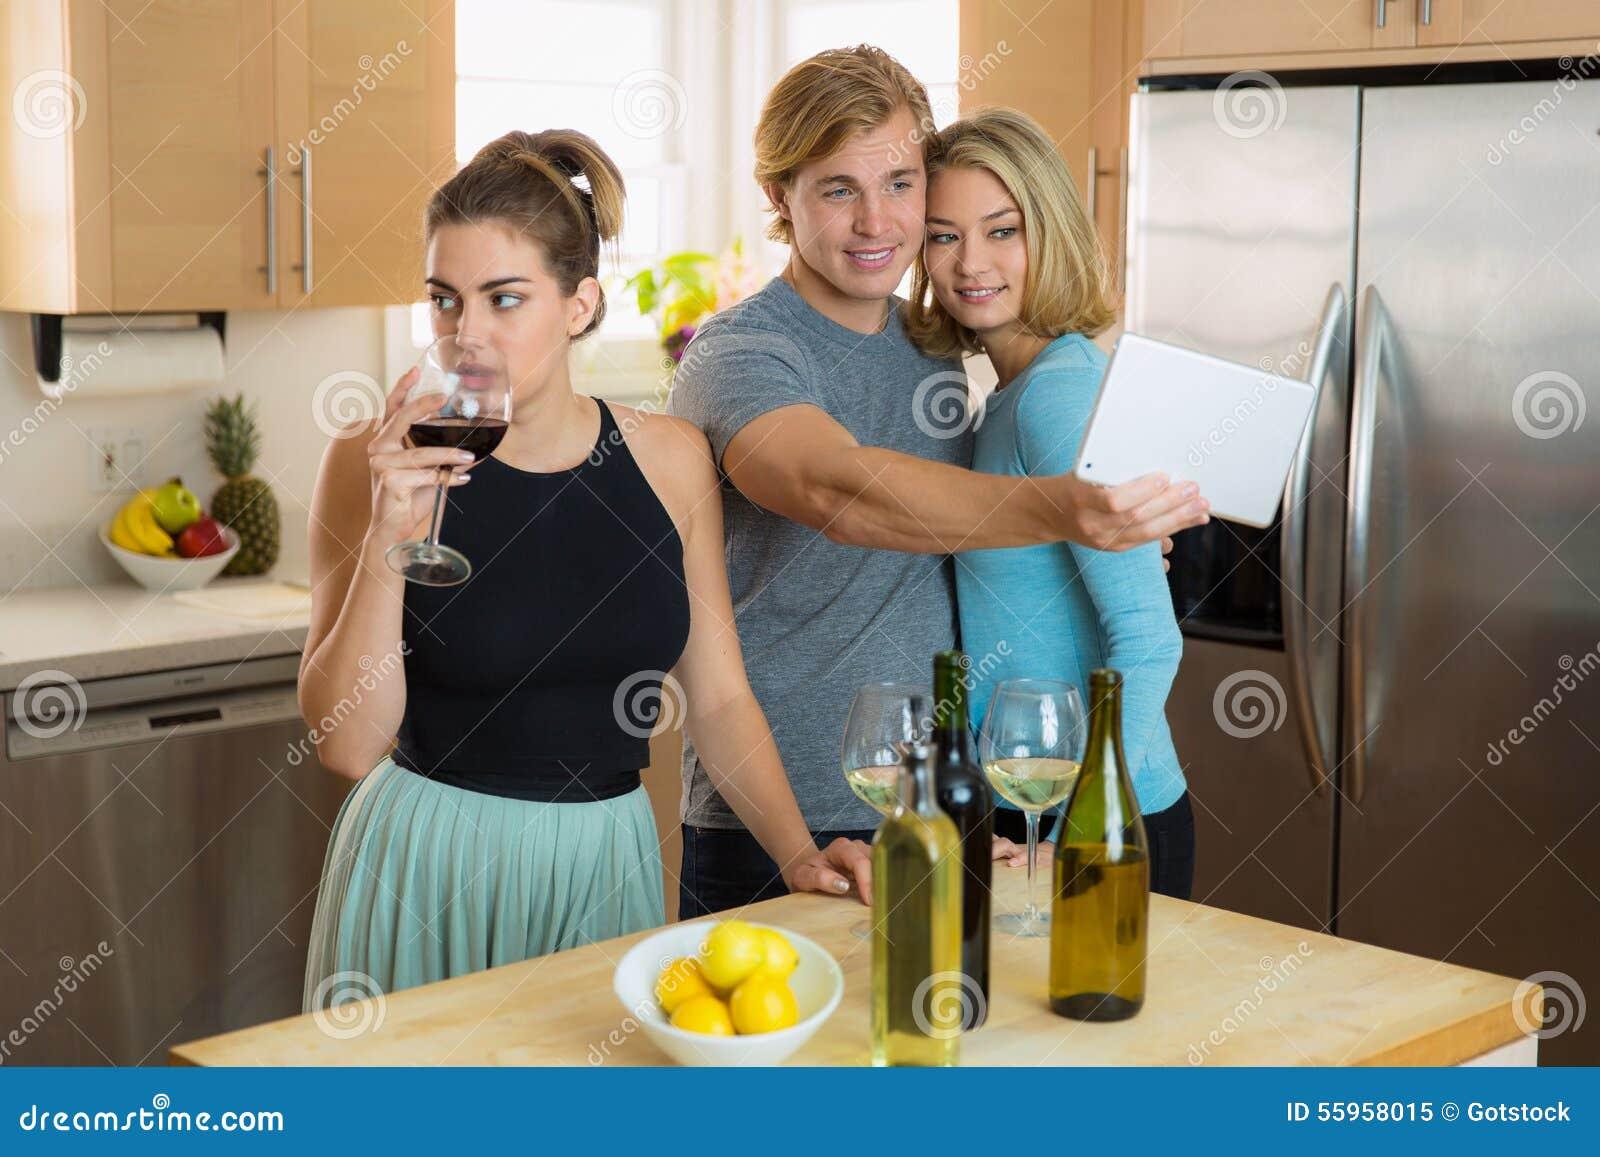 羡慕单身妇女被党的人感到厌烦嫉妒关于她的朋友和获得她的日期乐趣